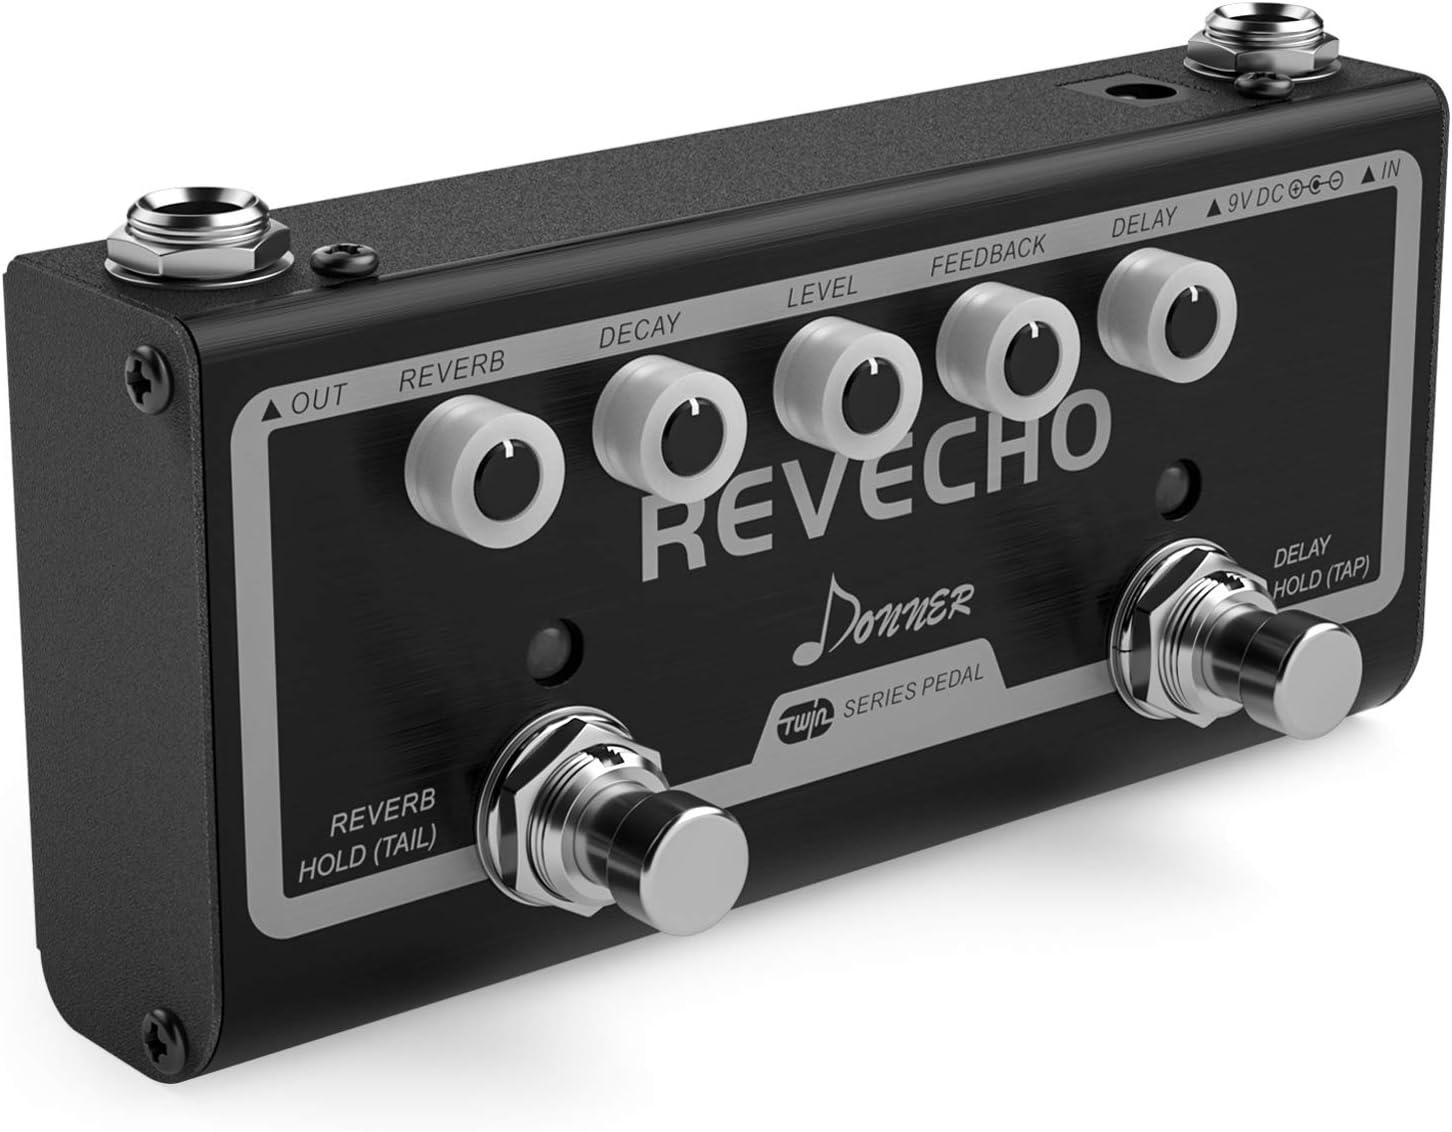 Donner Revecho Pedal de efectos de guitarra 2 modos de retardo y reverberación Pedal